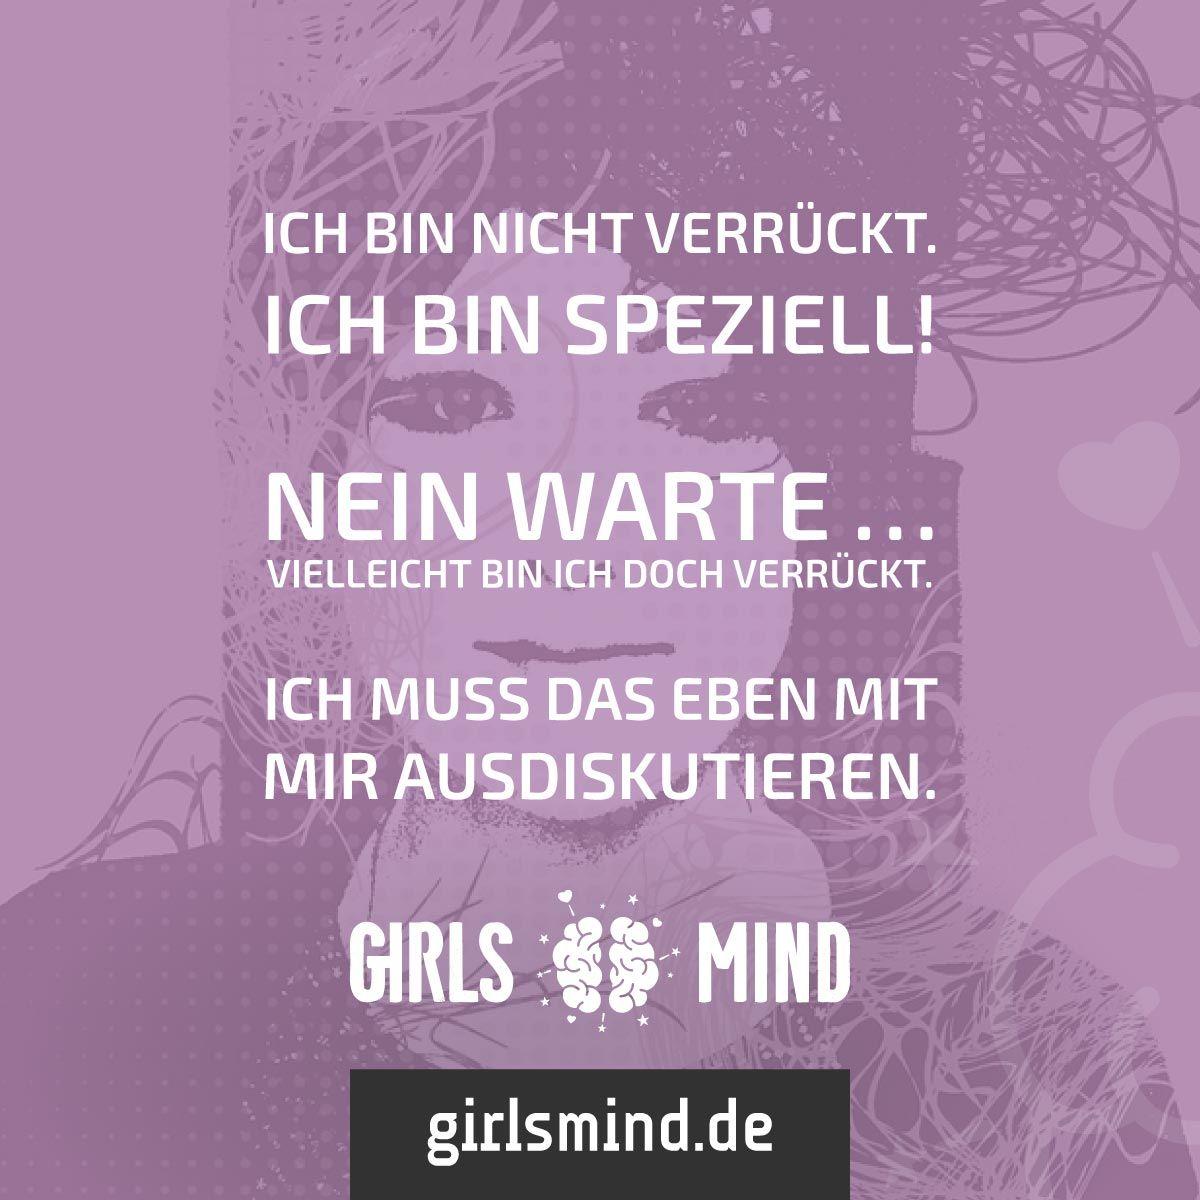 Wer ist schon normal? Mehr Sprüche auf: www.girlsmind.de # ...